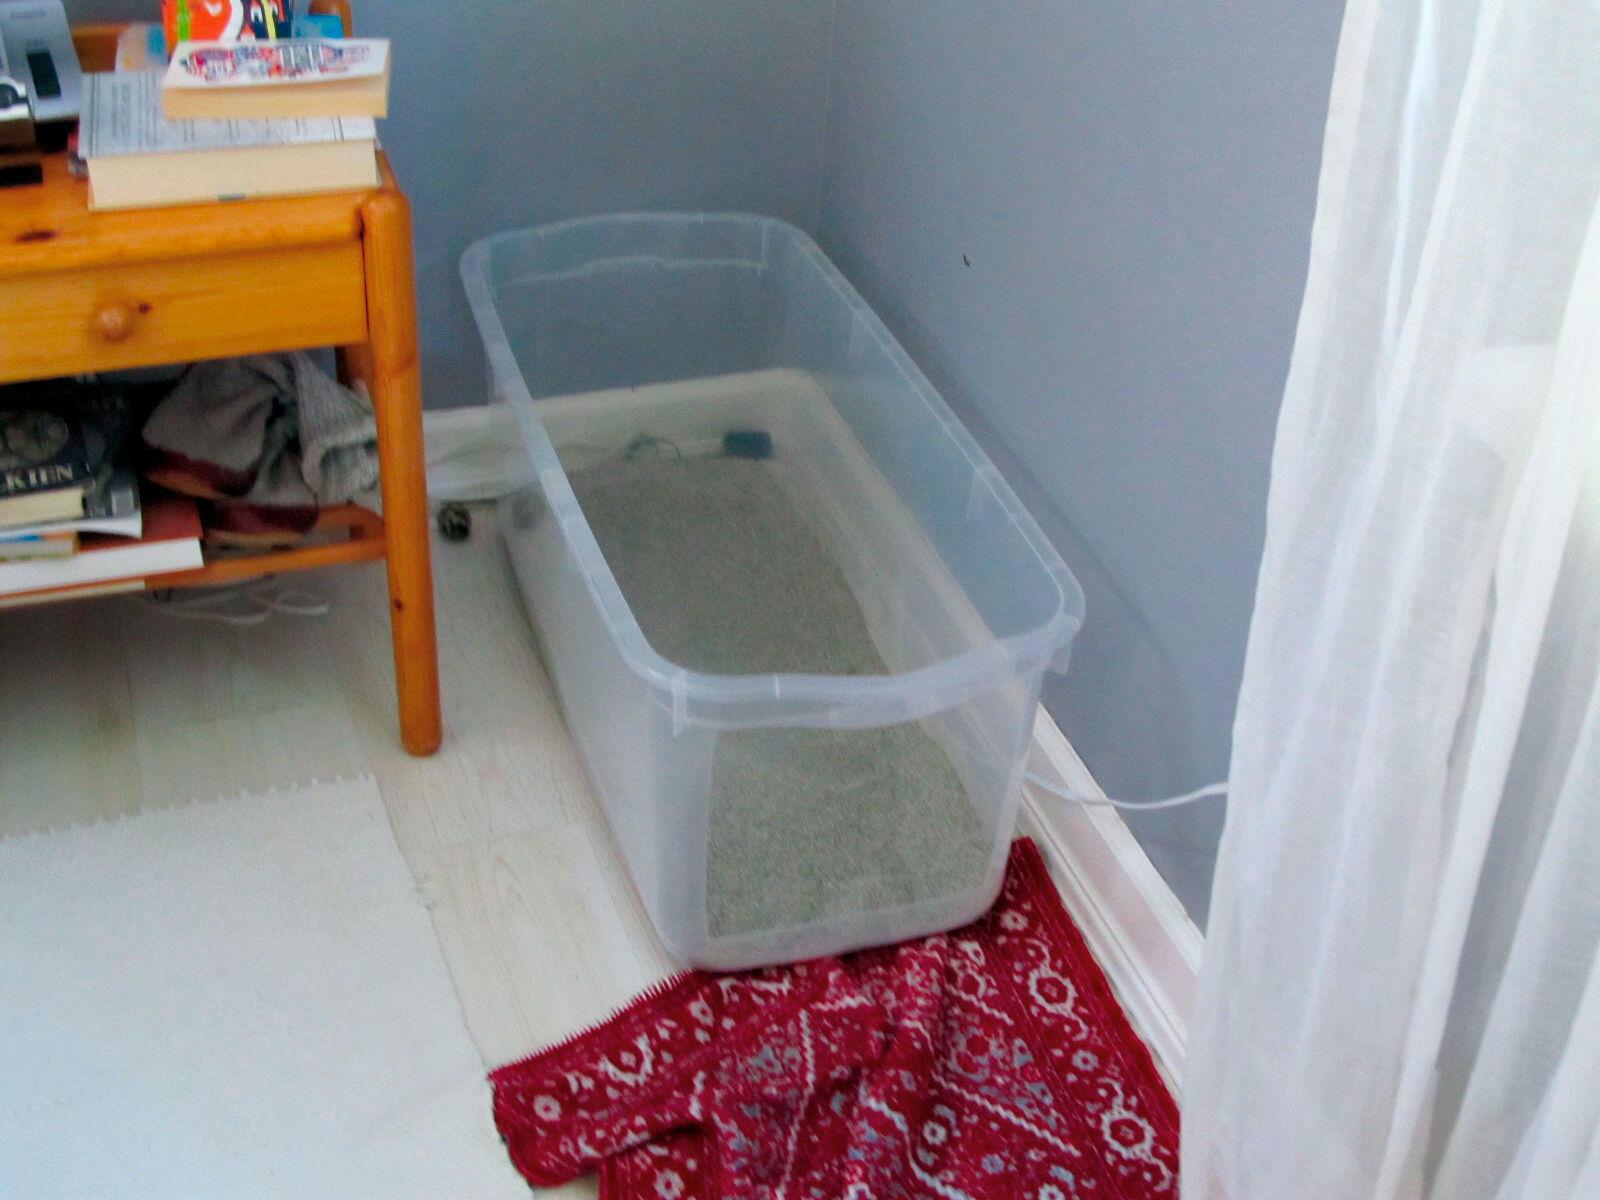 Figure 4. Les bacs à litière doivent être répartis dans la maison et doivent être grands et propres. Les chats ont des préférences individuelles concernant le type et la profondeur de la litière, mais les substrats sableux et argileux fins sont bien acceptés par la majorité des chats.